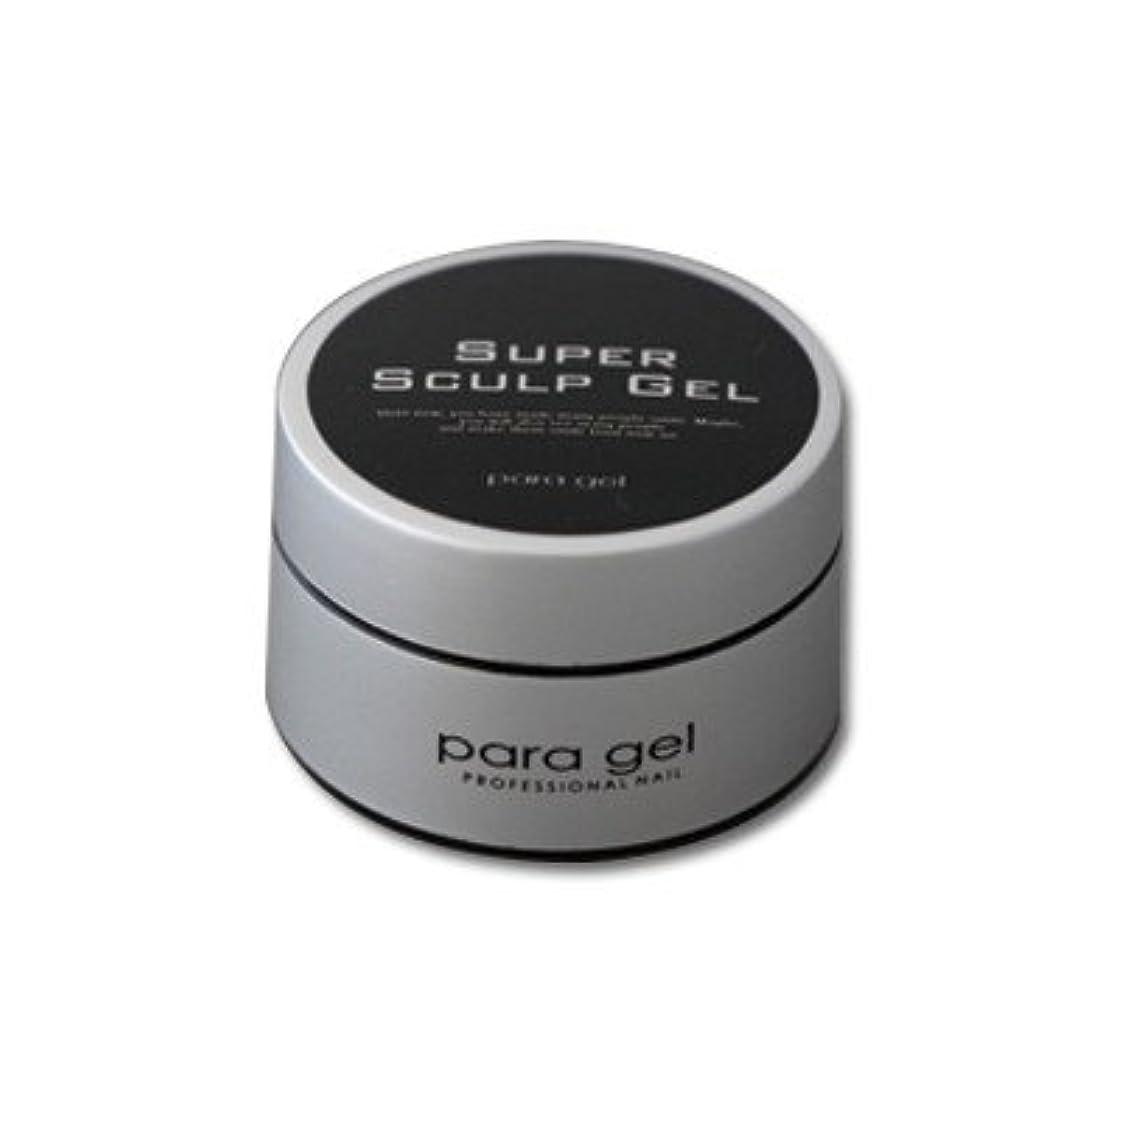 急行する行進ドキュメンタリーpara gel(パラジェル) スーパースカルプジェル 10g